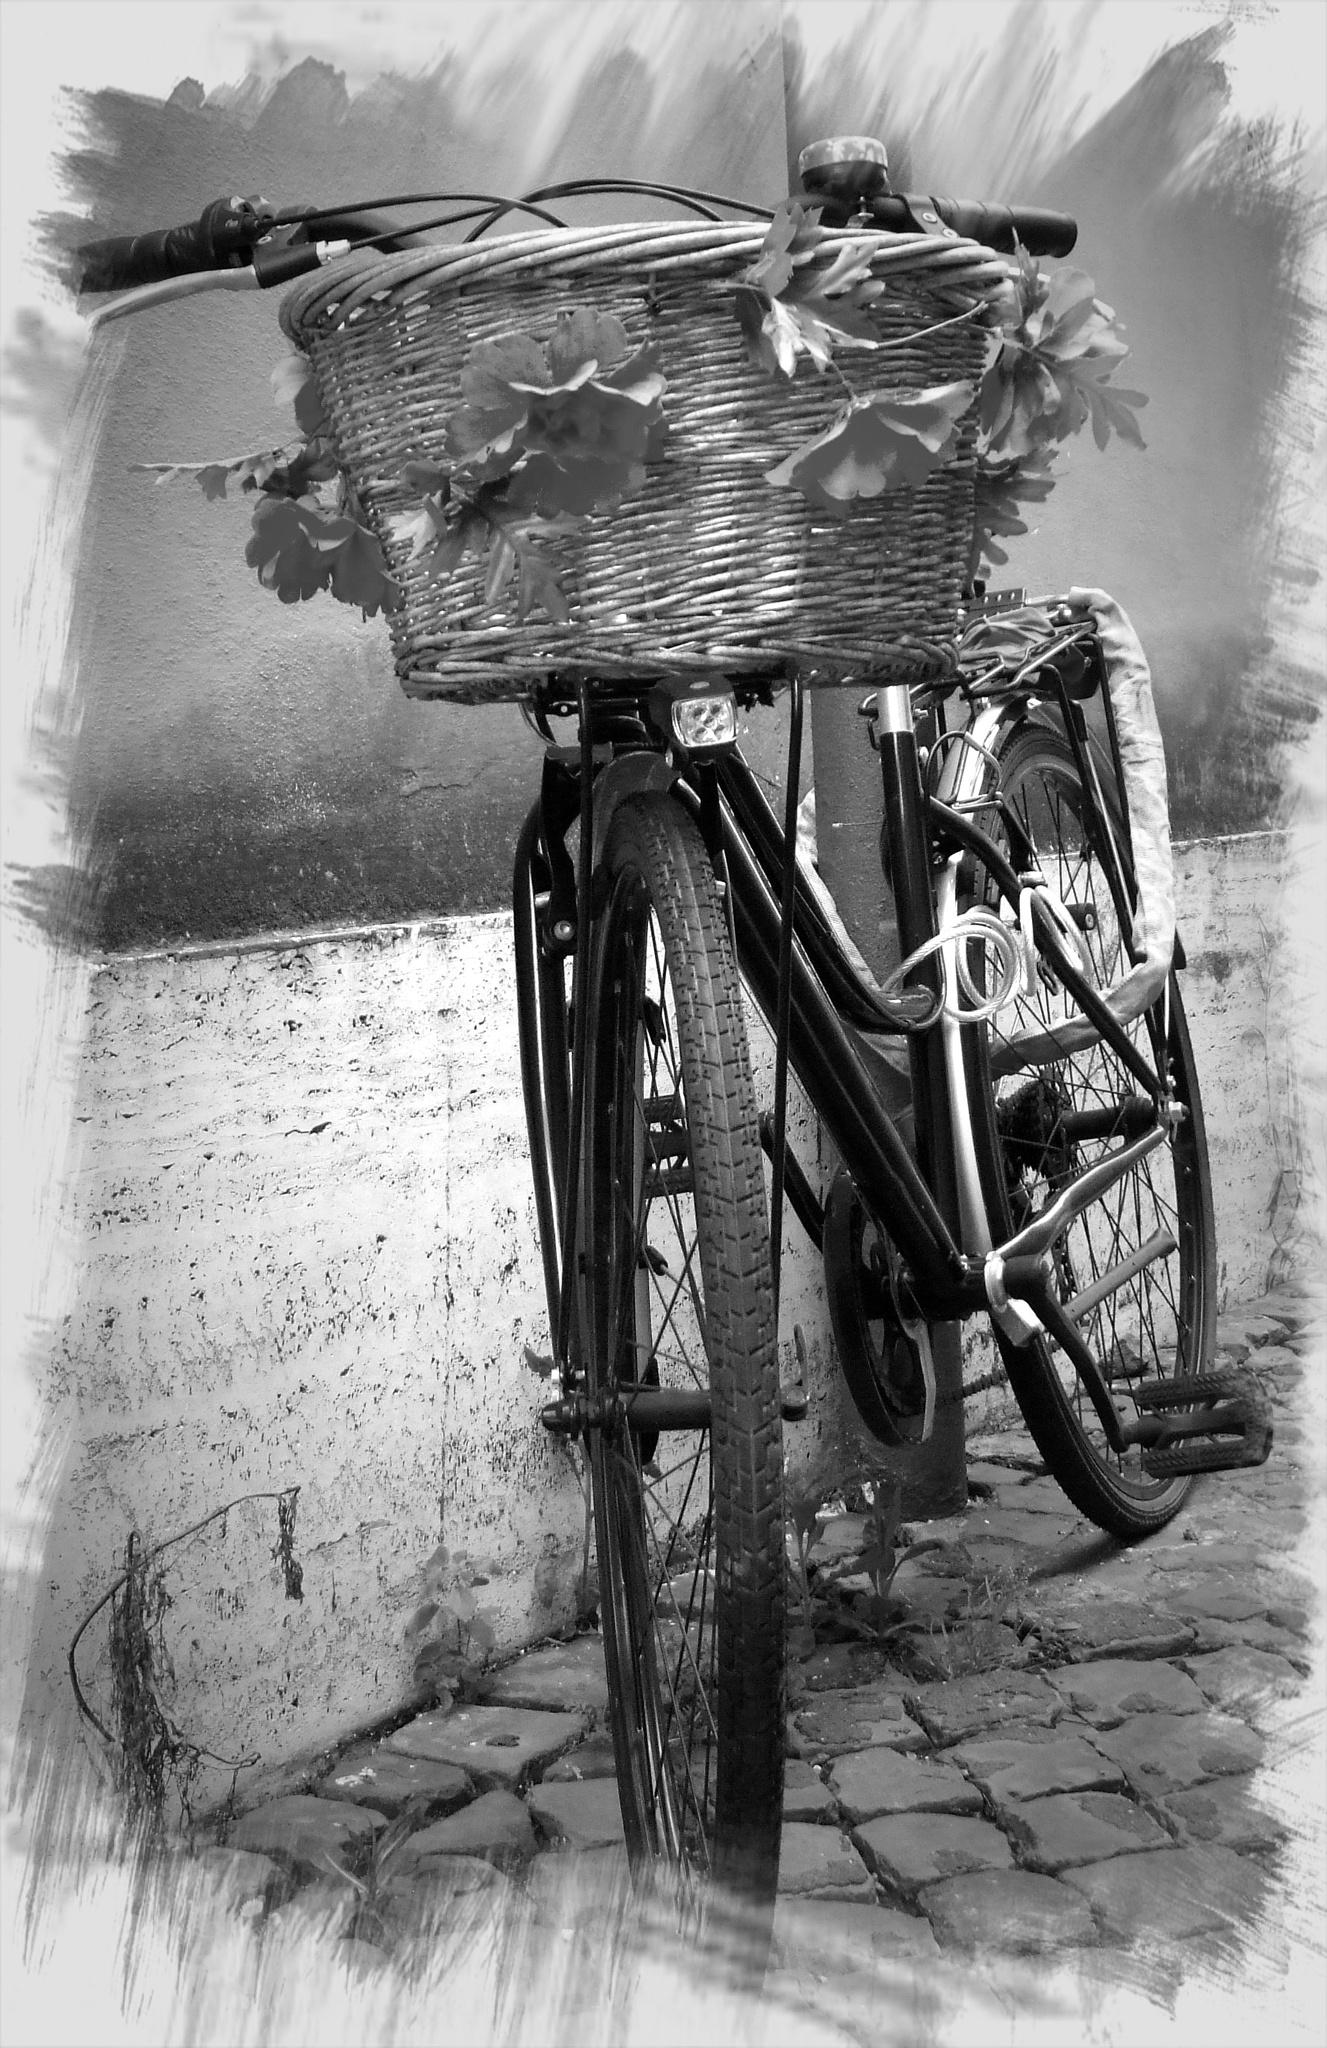 La bicicletta ... by Salvatore Bertolino